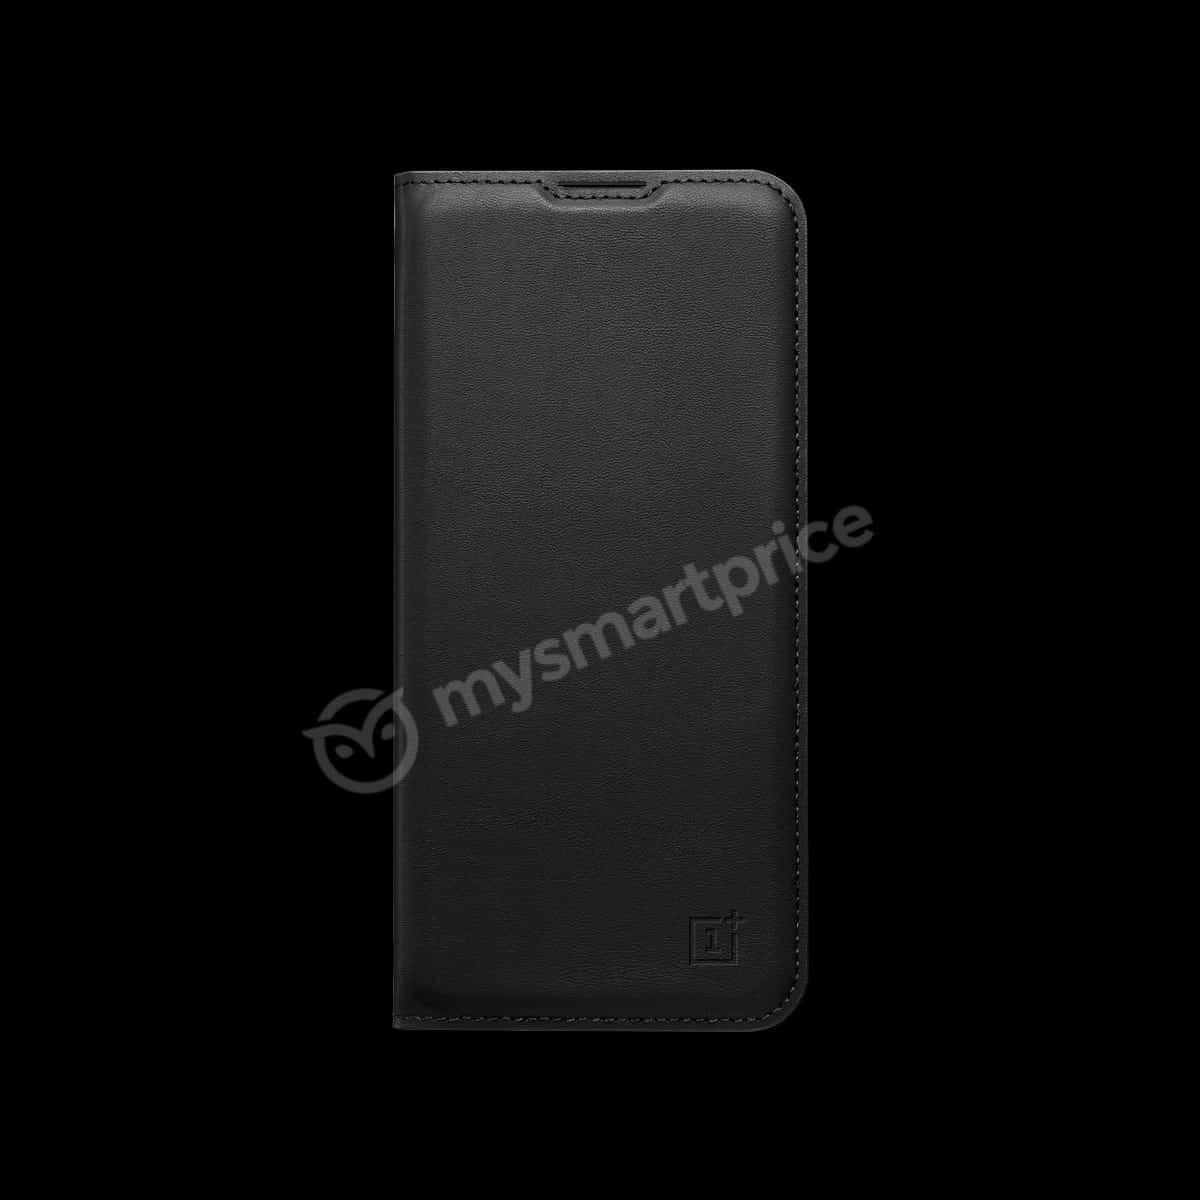 OnePlus 6T Flip Cover Black leak 1